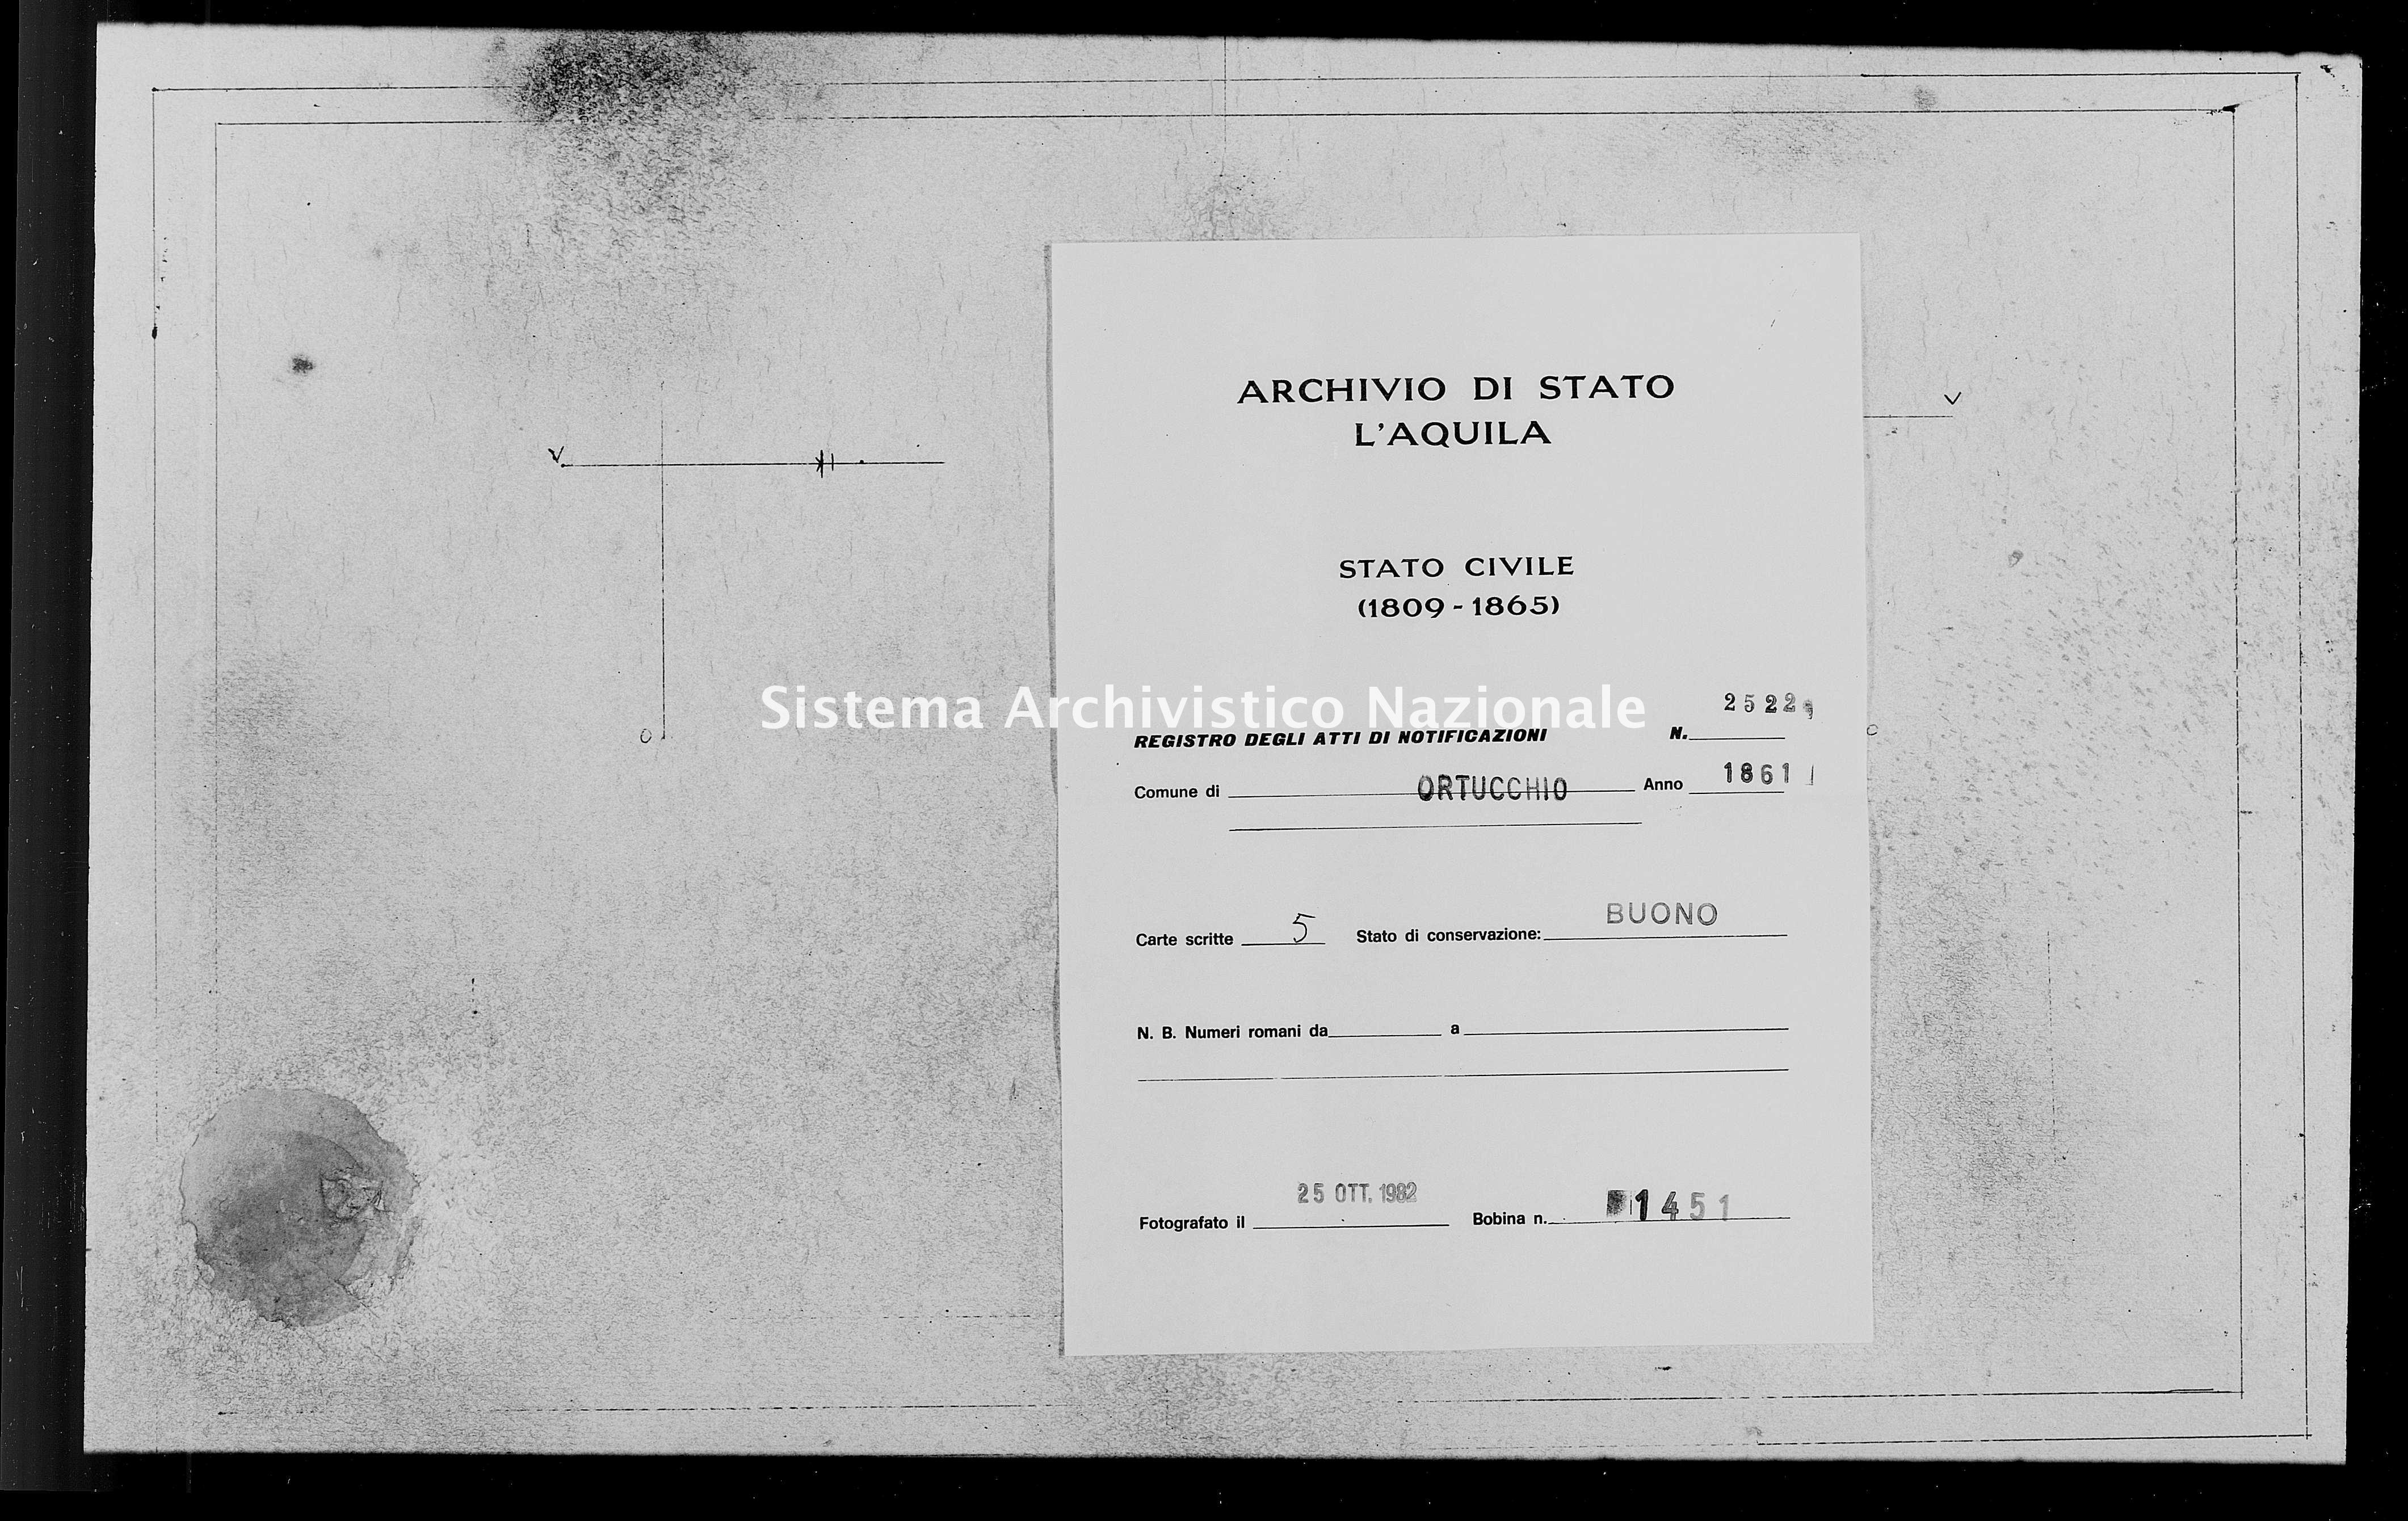 Archivio di stato di L'aquila - Stato civile italiano - Ortucchio - Matrimoni, memorandum notificazioni ed opposizioni - 1861 - 2522 -